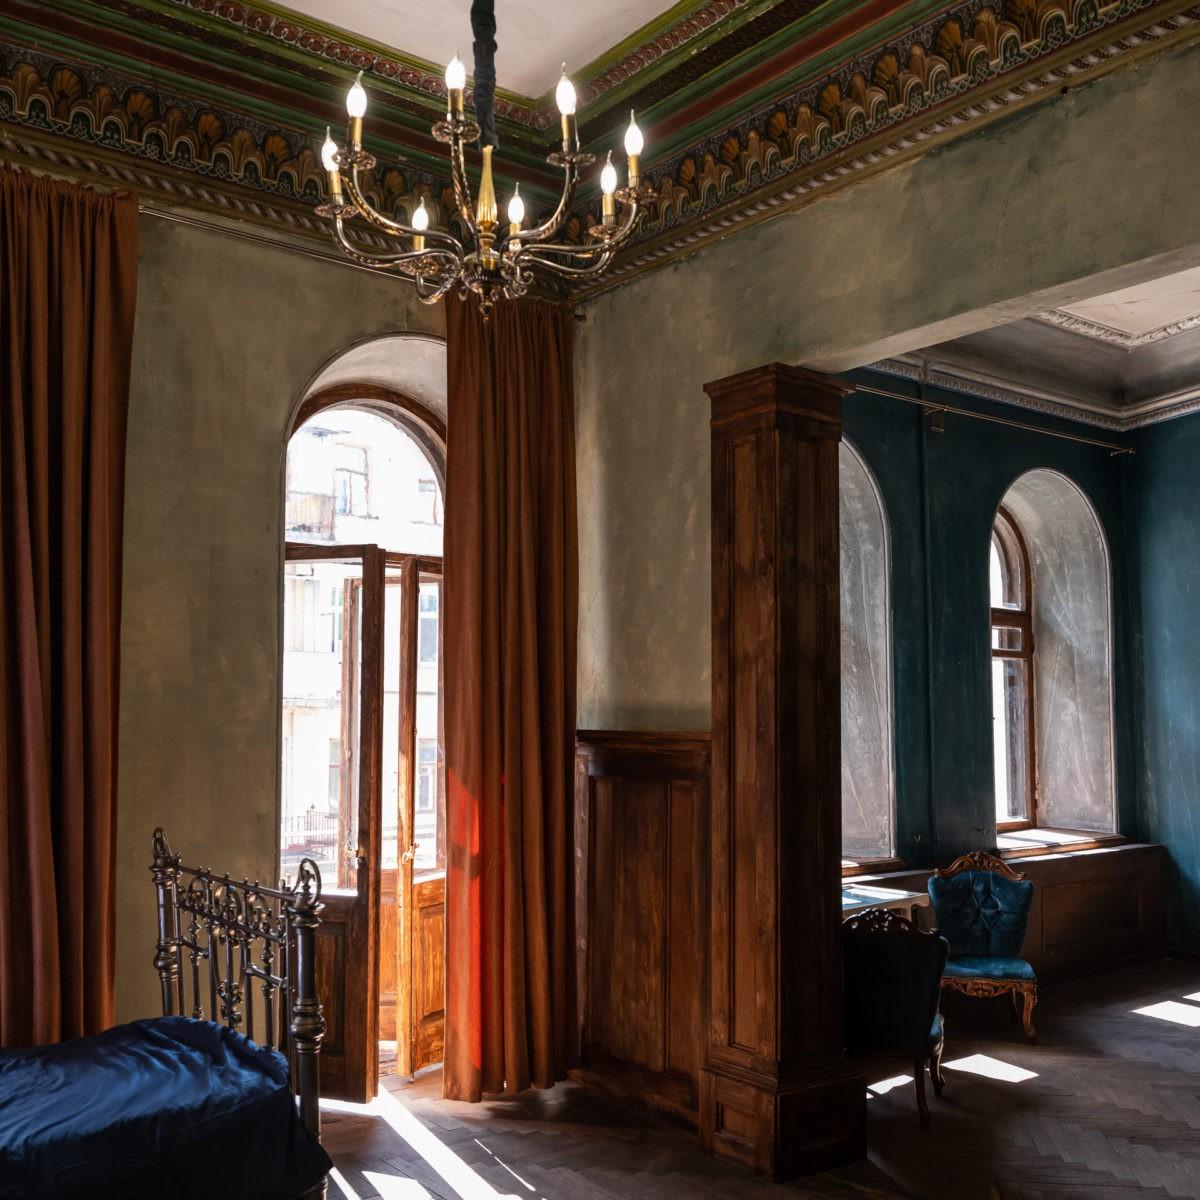 Аренда стильного зала в винтажном стиле для фотосессий| Фотостудия F11 Studio